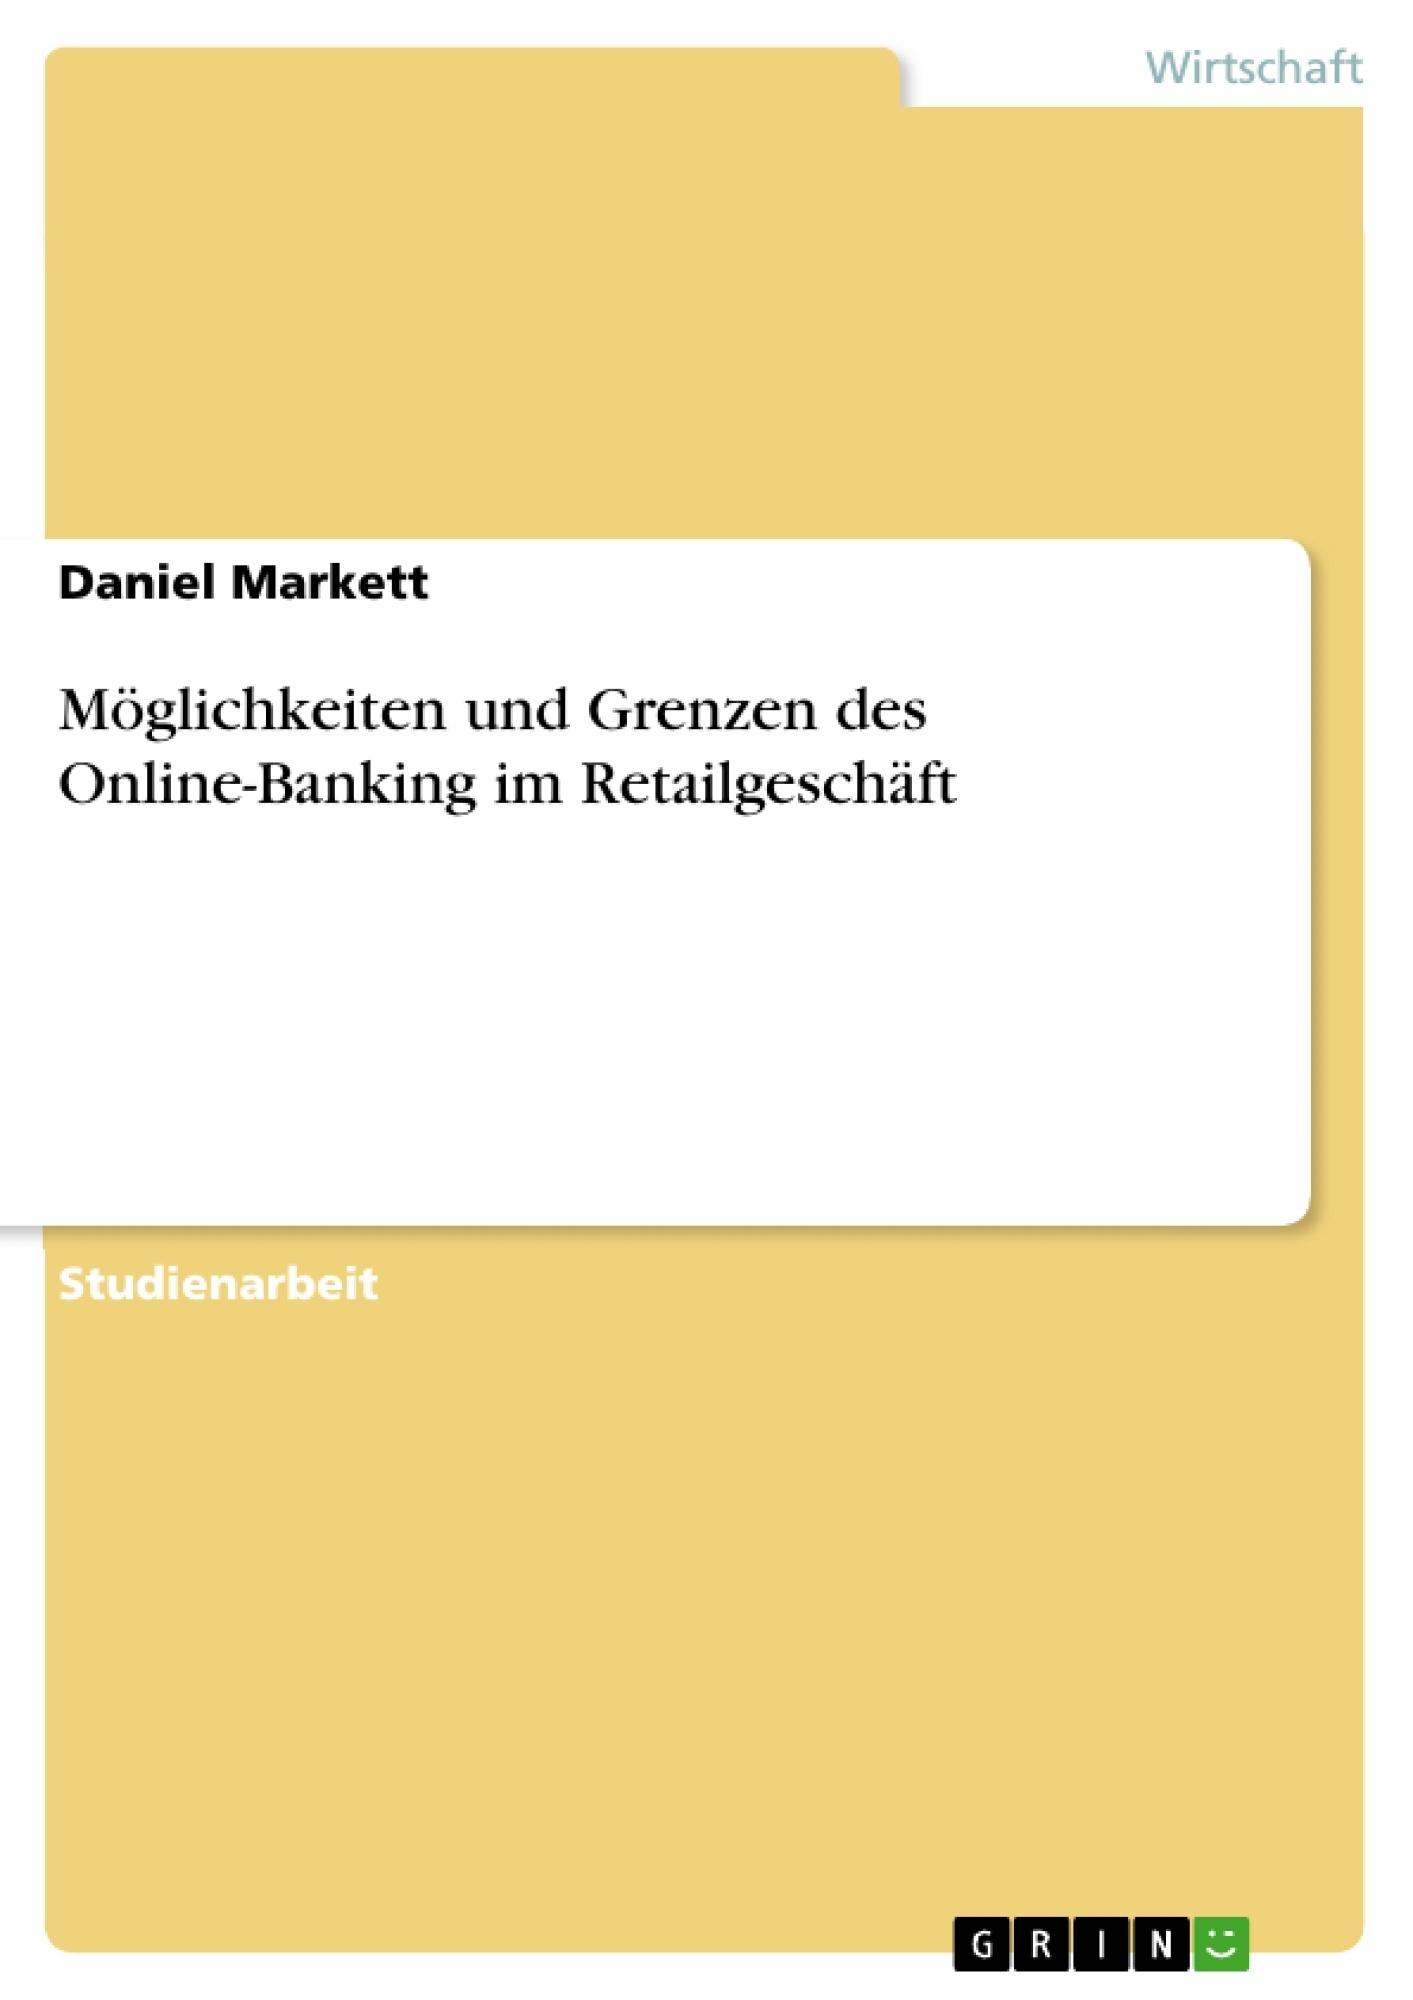 Titel: Möglichkeiten und Grenzen des Online-Banking im Retailgeschäft